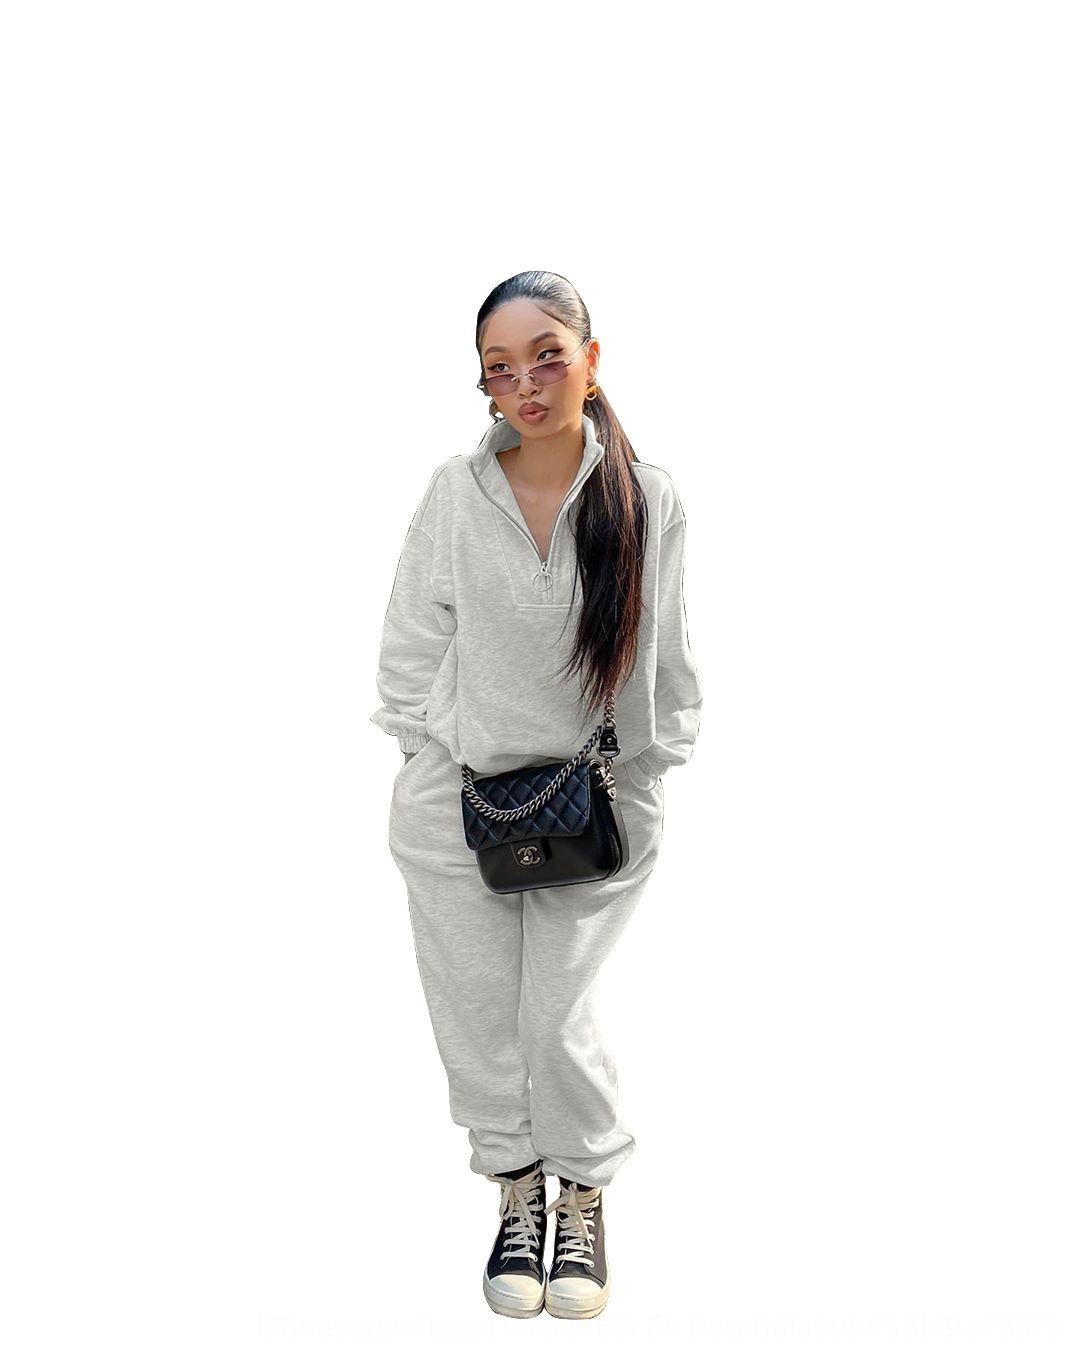 9Tms Женские трексескигики рукавные два штуки набор уличные одежды плиссированные брюки V-образным вырезом длинные 2 дамы сплошной цвет одежды новых модных брюк наряды CL